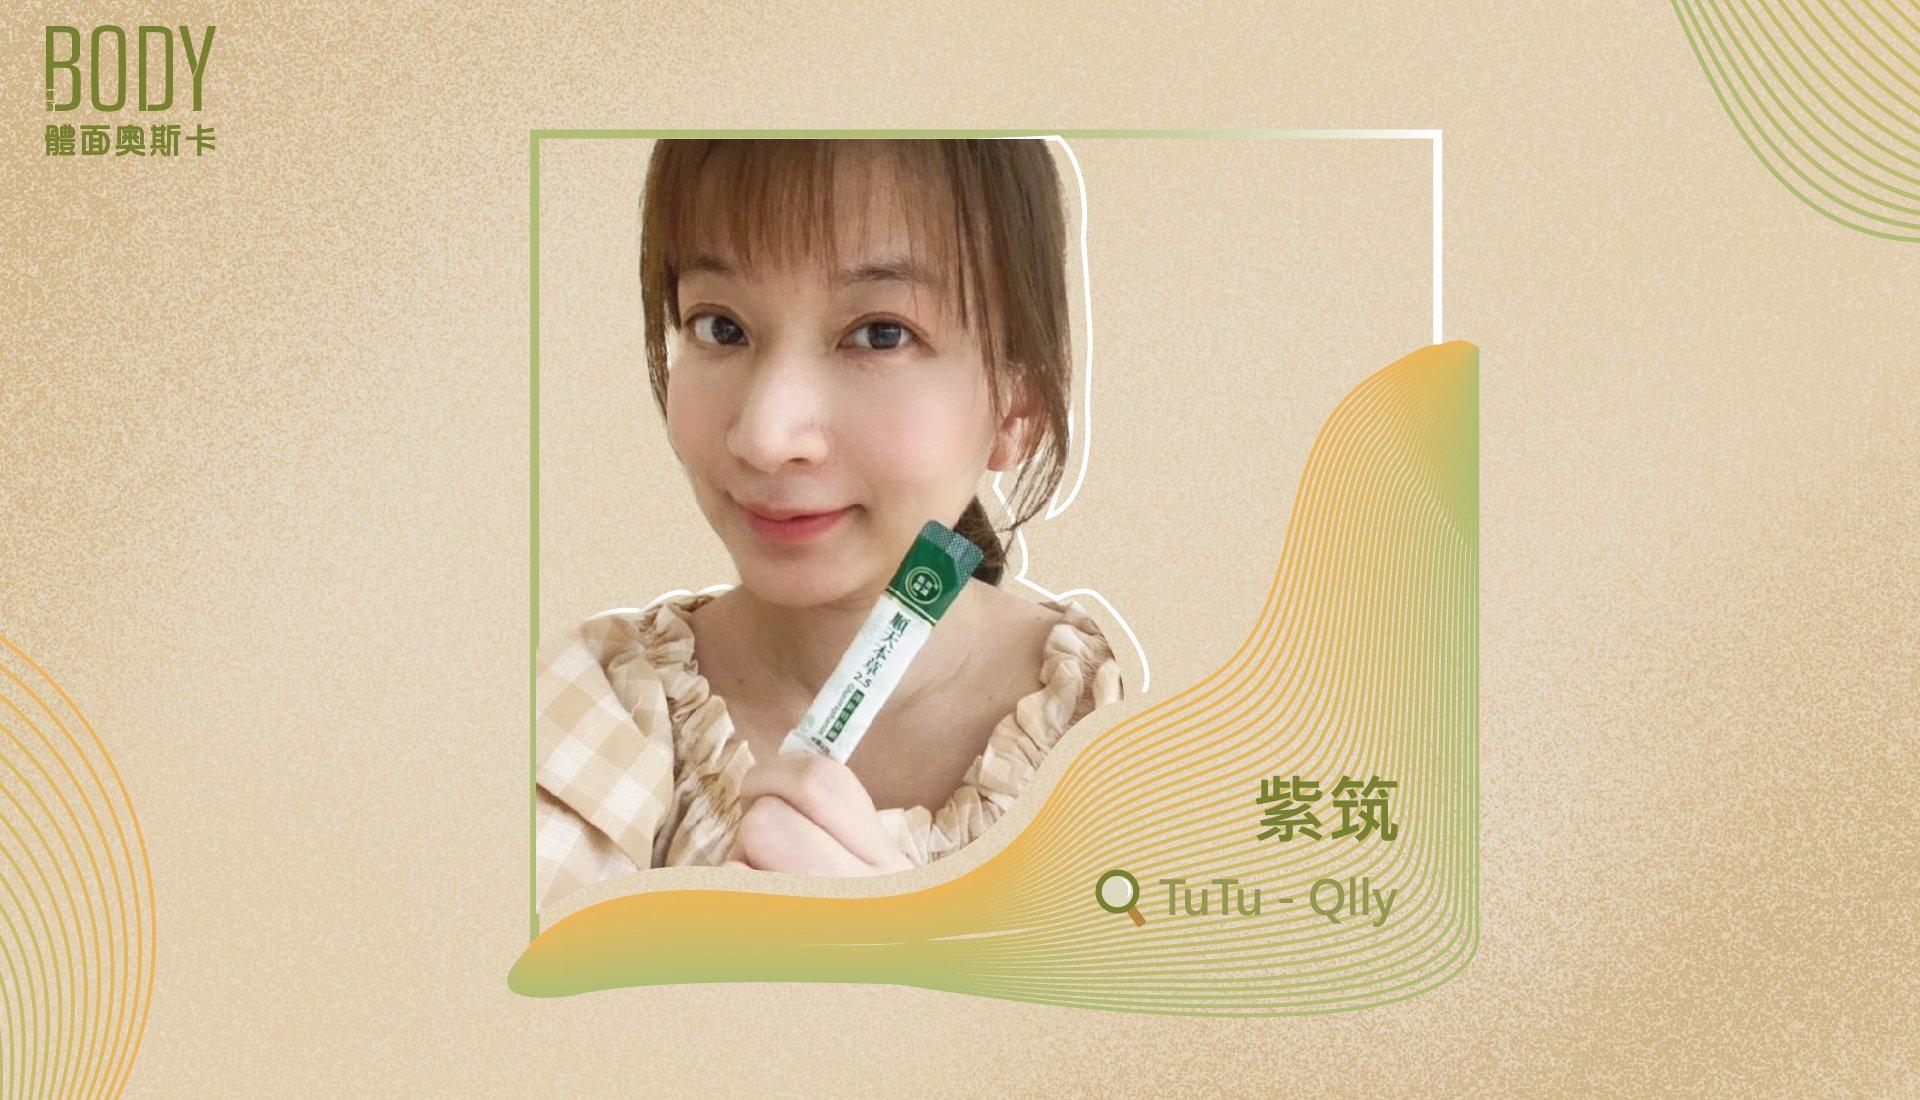 順天本草2.5│部落客開箱精選特輯這裡看